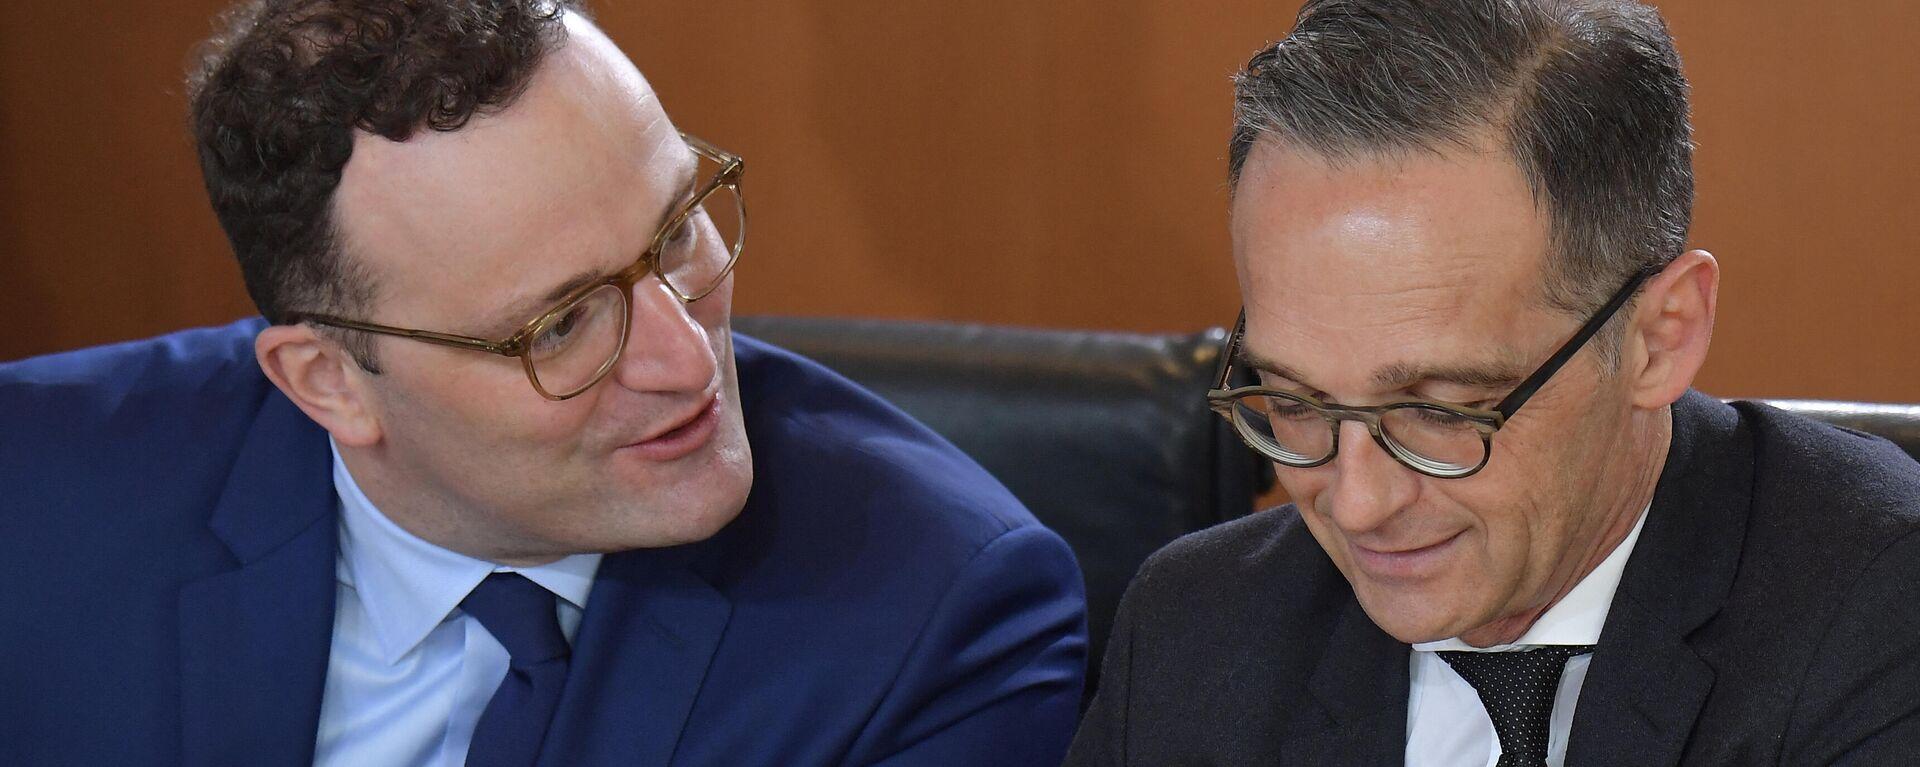 Bundesgesundheitsminister Jens Spahn  im Gespräch mit Außenminister Heiko Maas vor der wöchentlichen Kabinettssitzung in Berlin am 15. Mai 2019. Symbolfoto - SNA, 1920, 07.07.2021